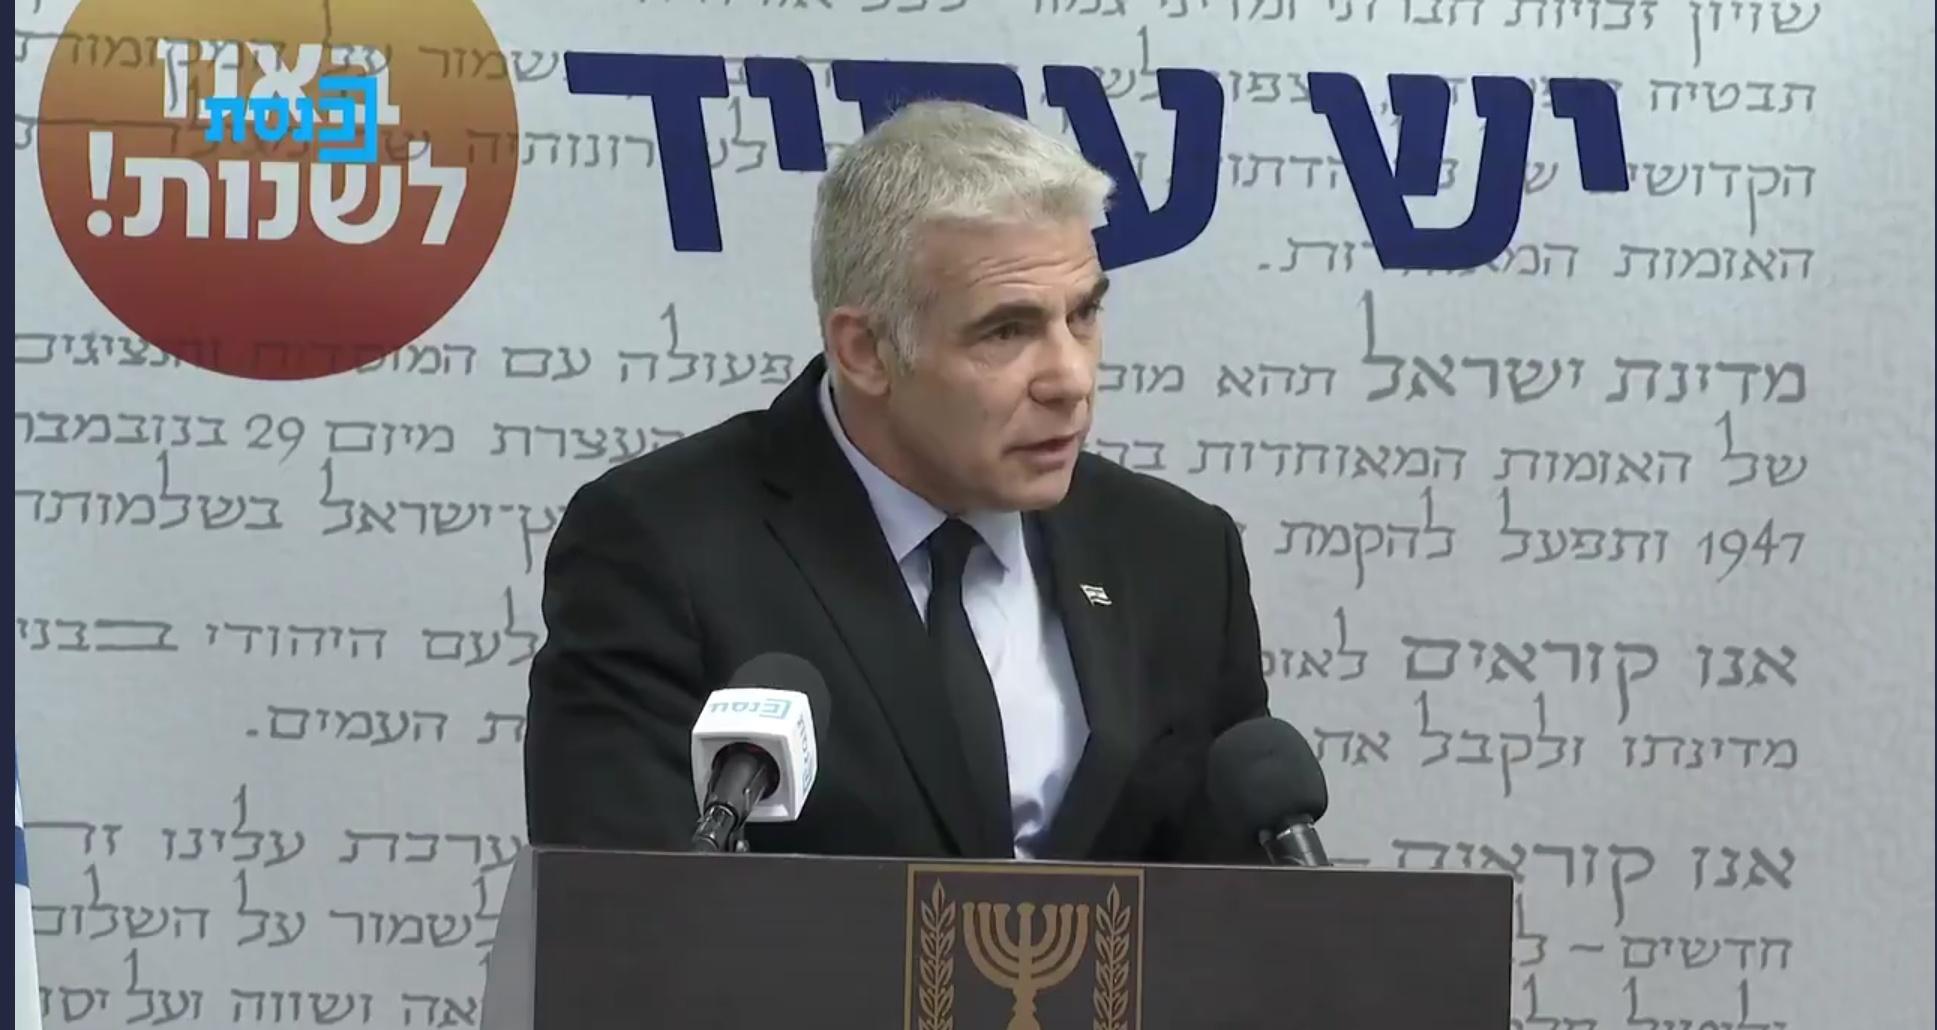 Koronavírus és politika Izraelben